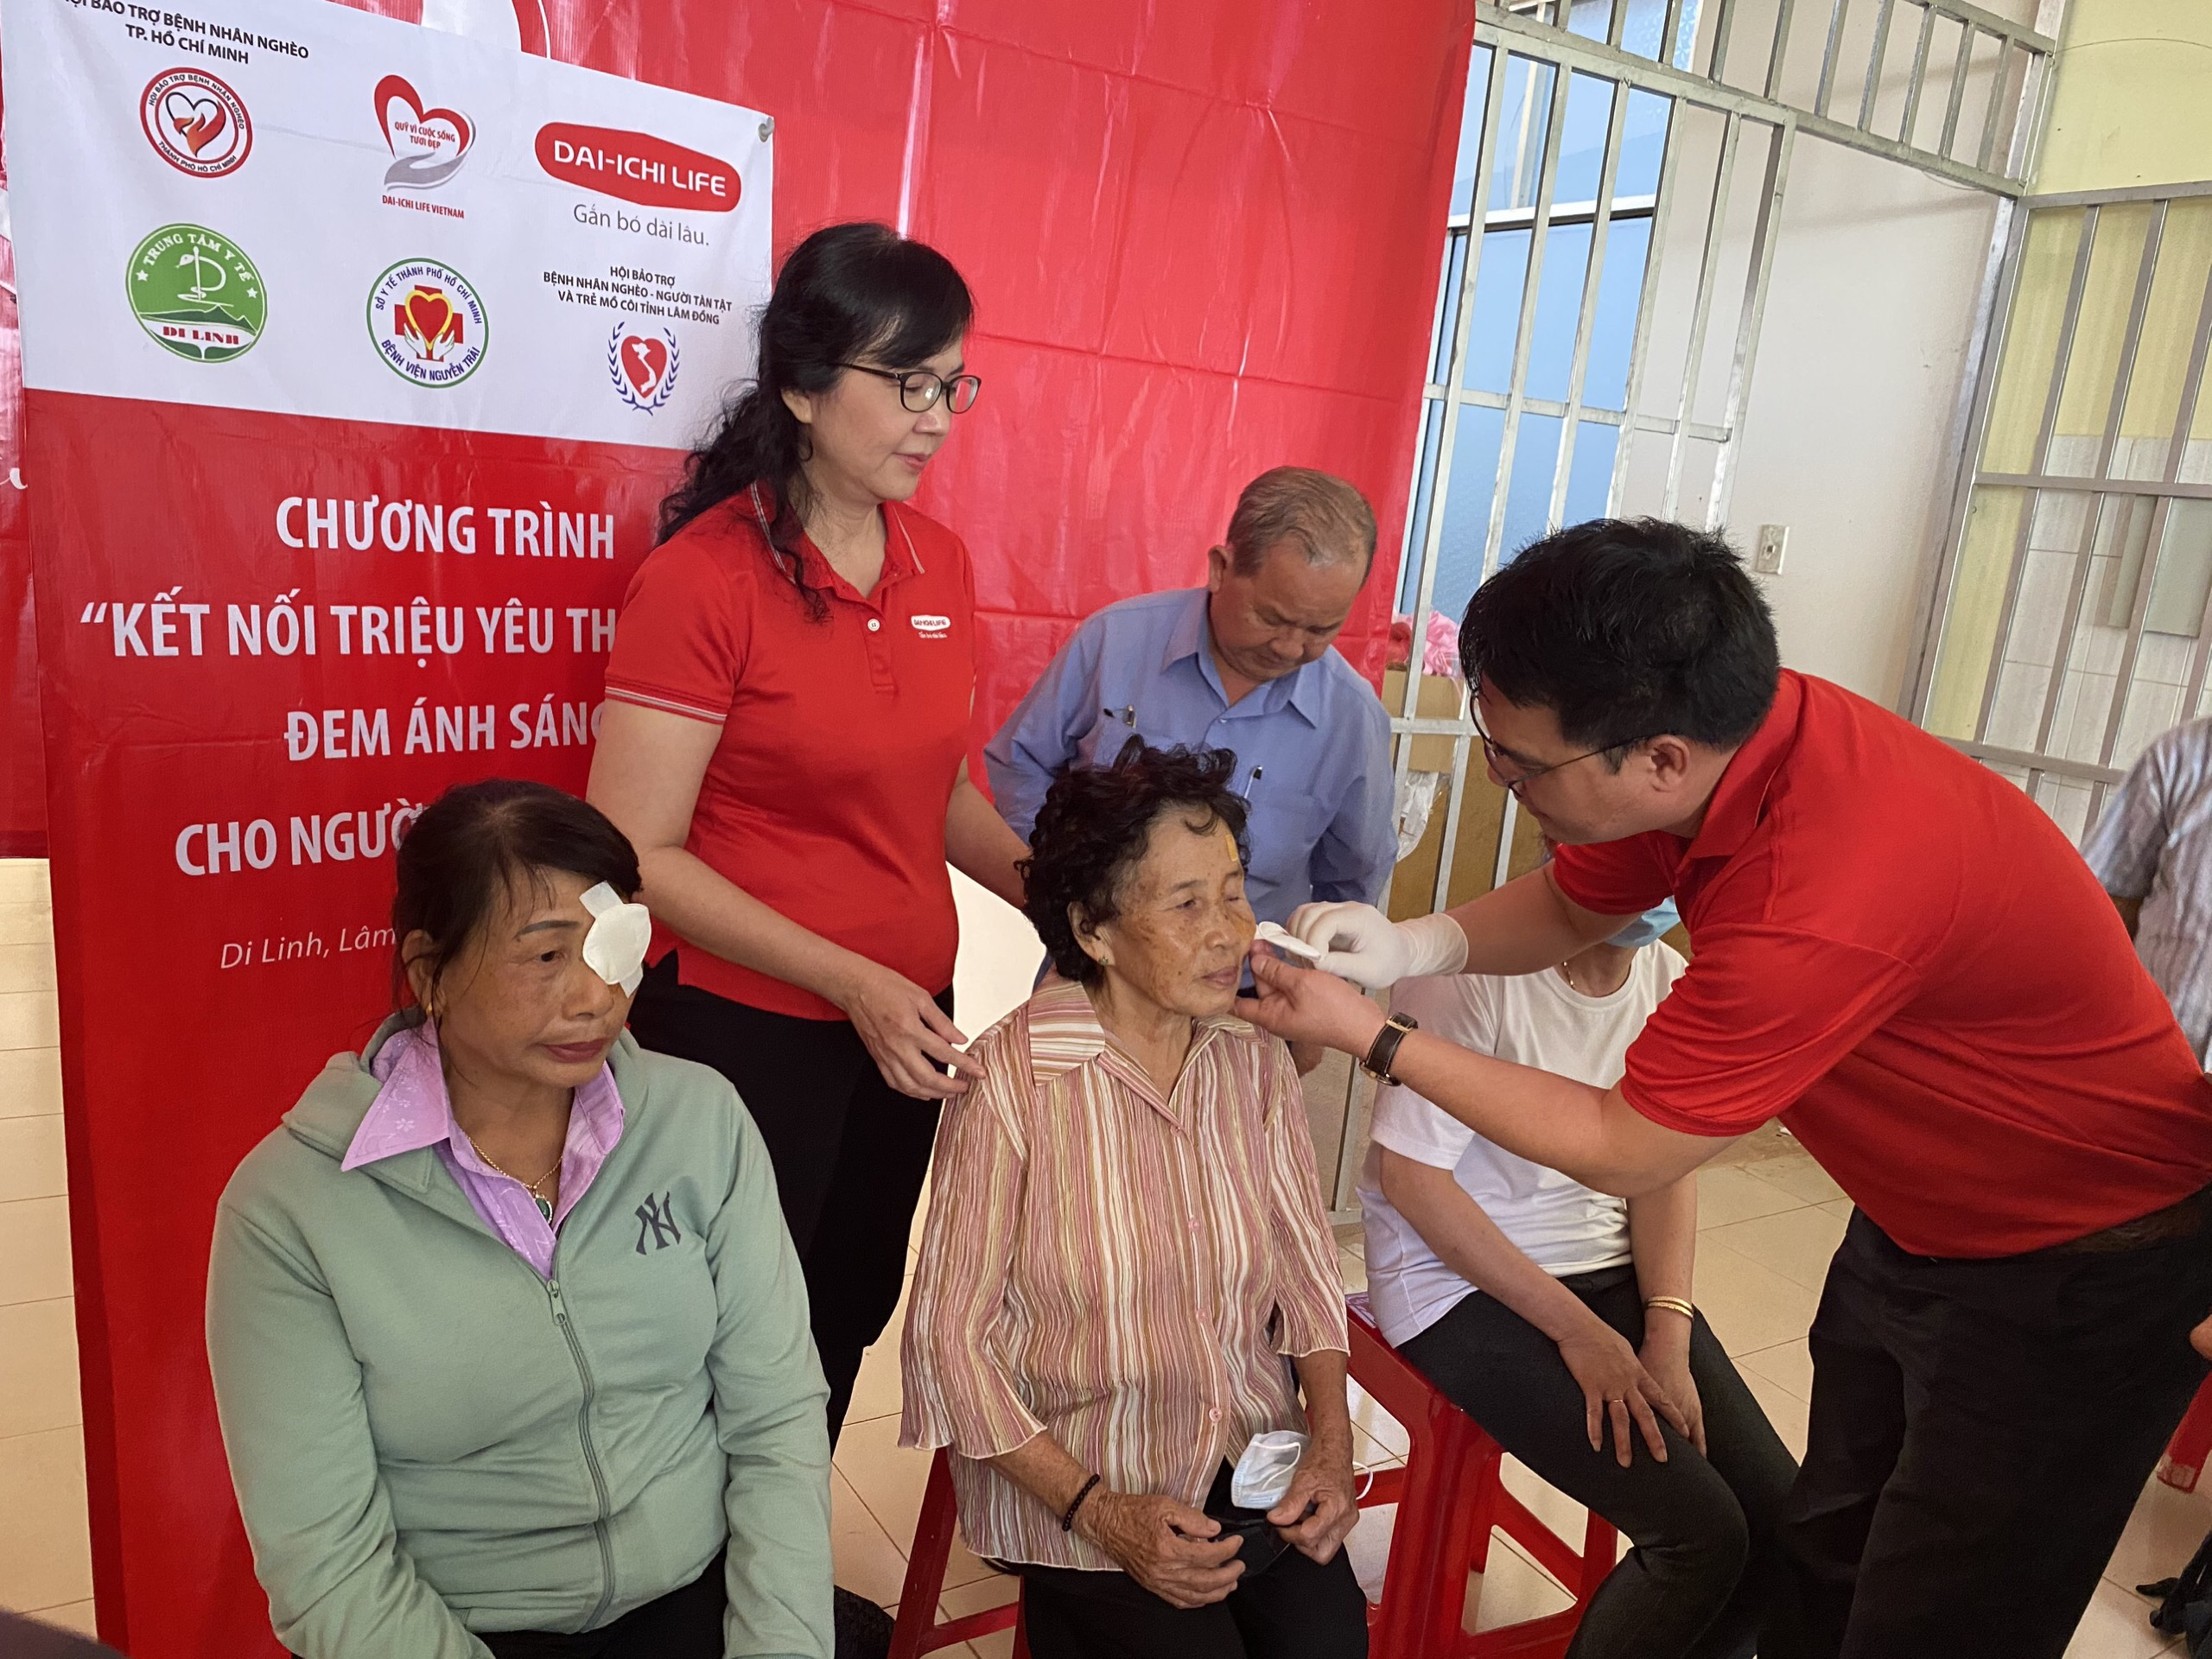 """Dai-ichi Life Việt Nam tiếp tục triển khai trương trình """"Đem ánh sáng cho người nghèo"""" lần thứ 13"""